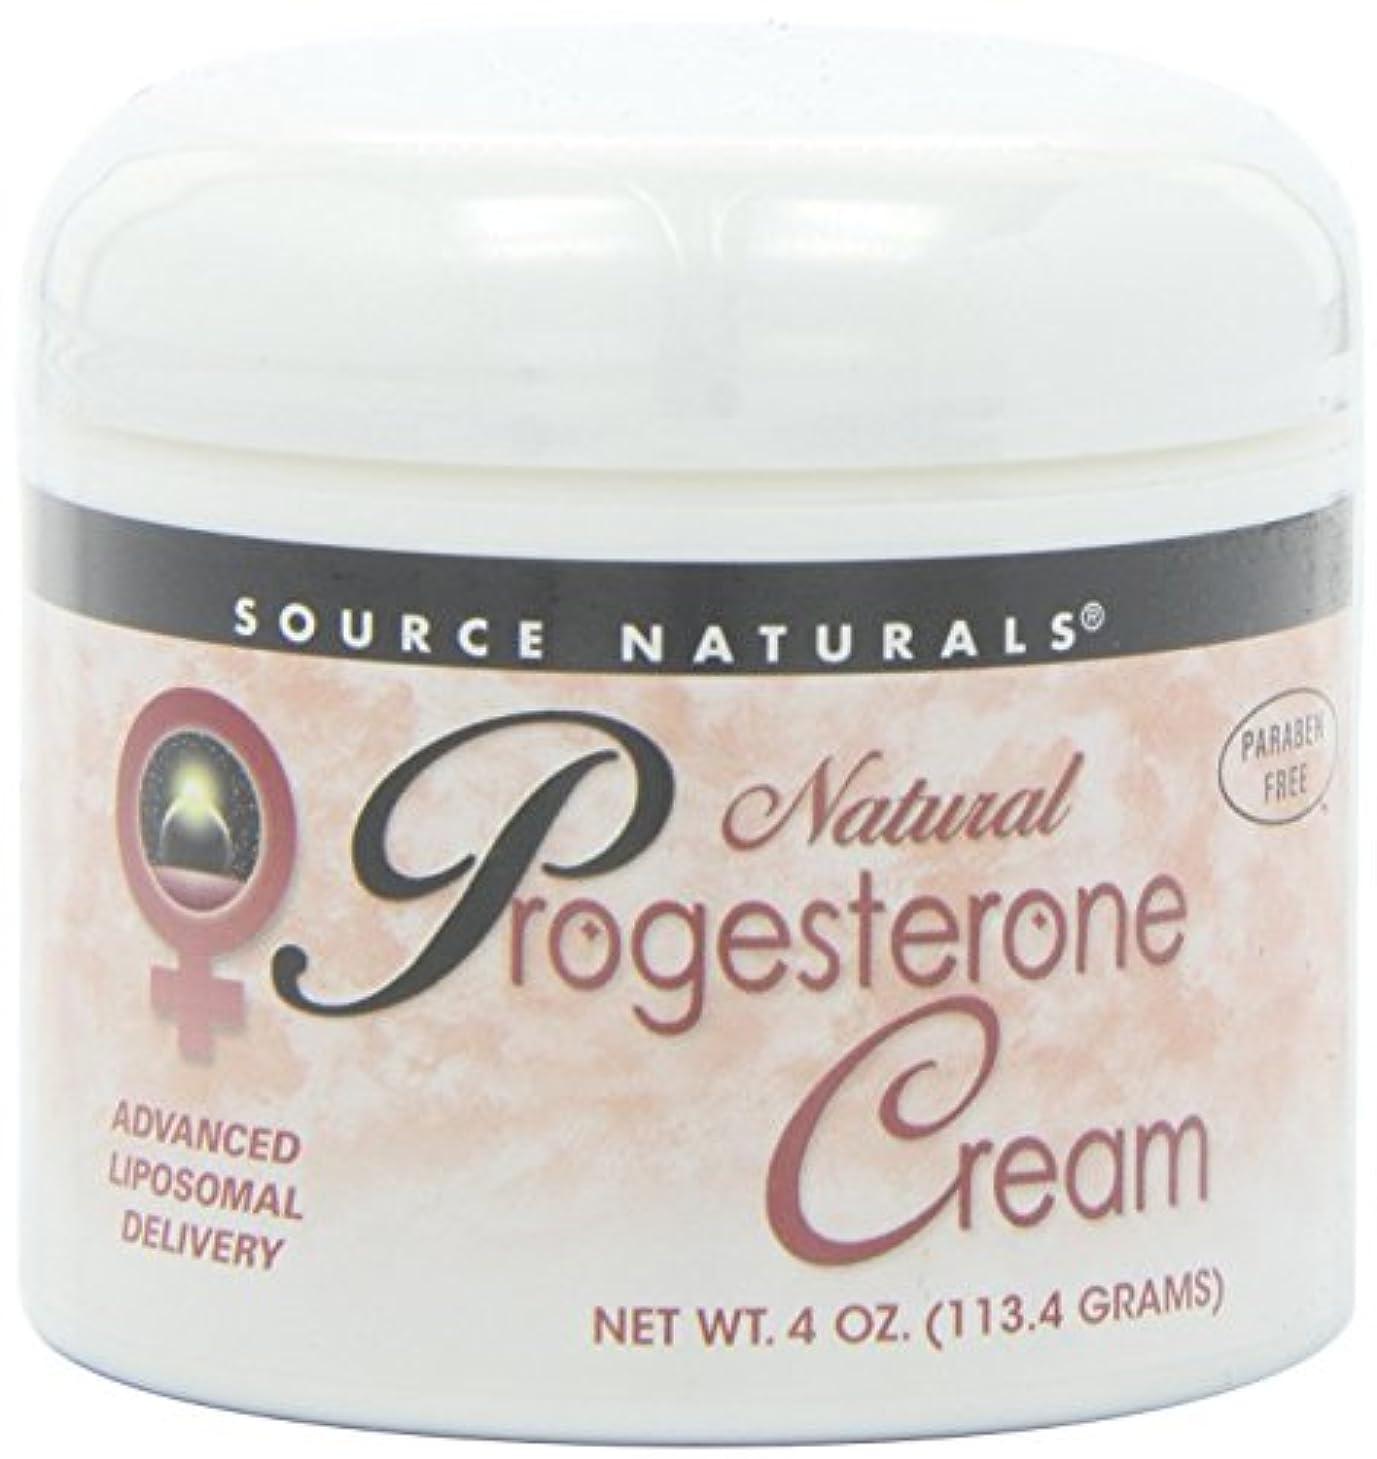 指定ひばり塗抹Source Naturals Natural Progesterone Cream, 4 Ounce (113.4 g) クリーム 並行輸入品 [並行輸入品]